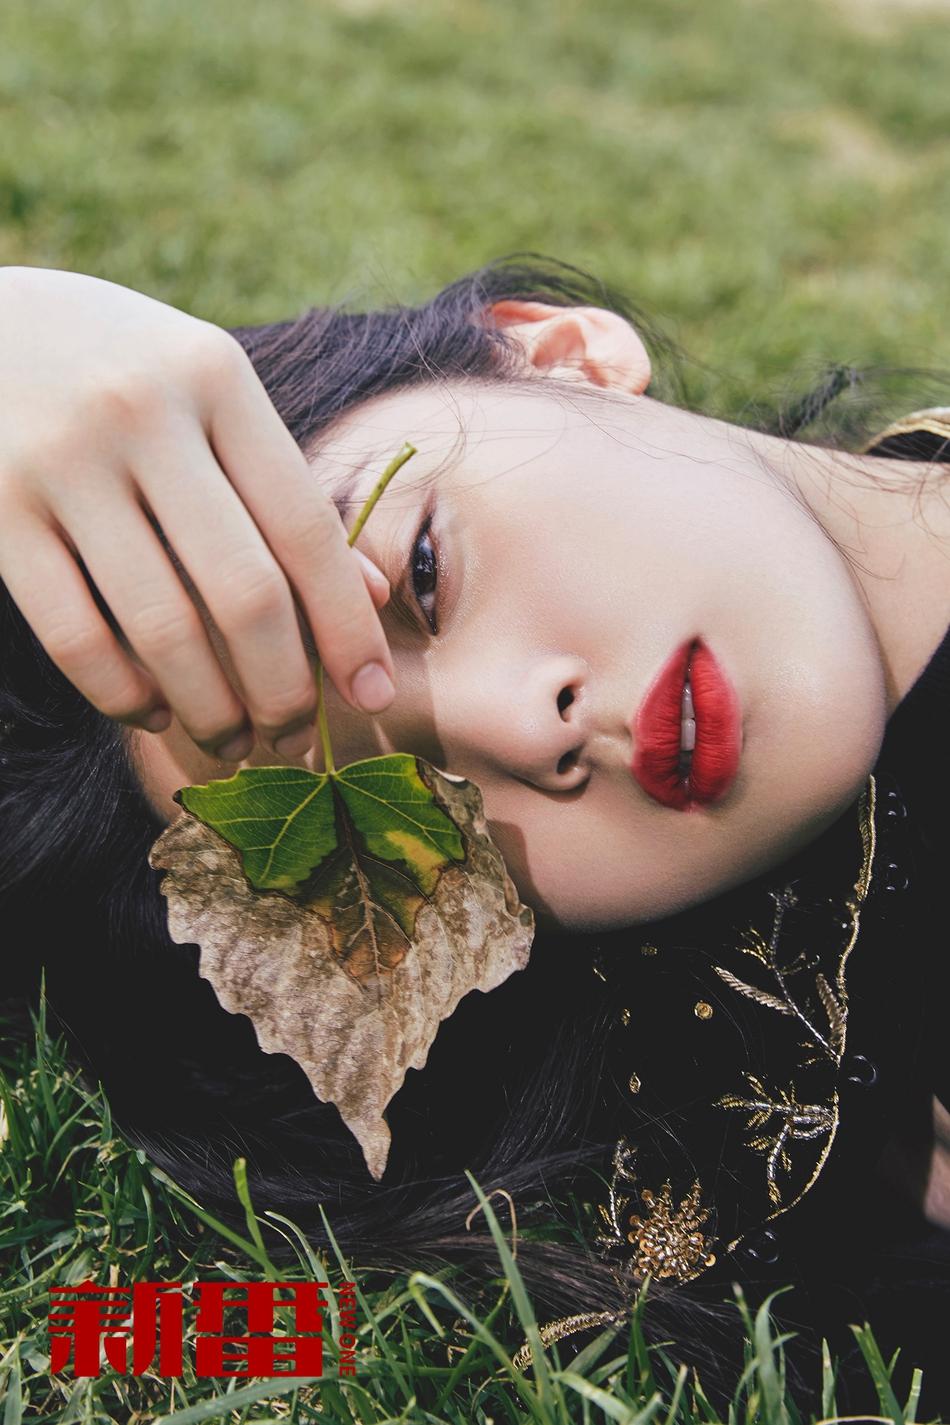 欧阳娜娜最新大片 上演18岁少女的眼神绝杀